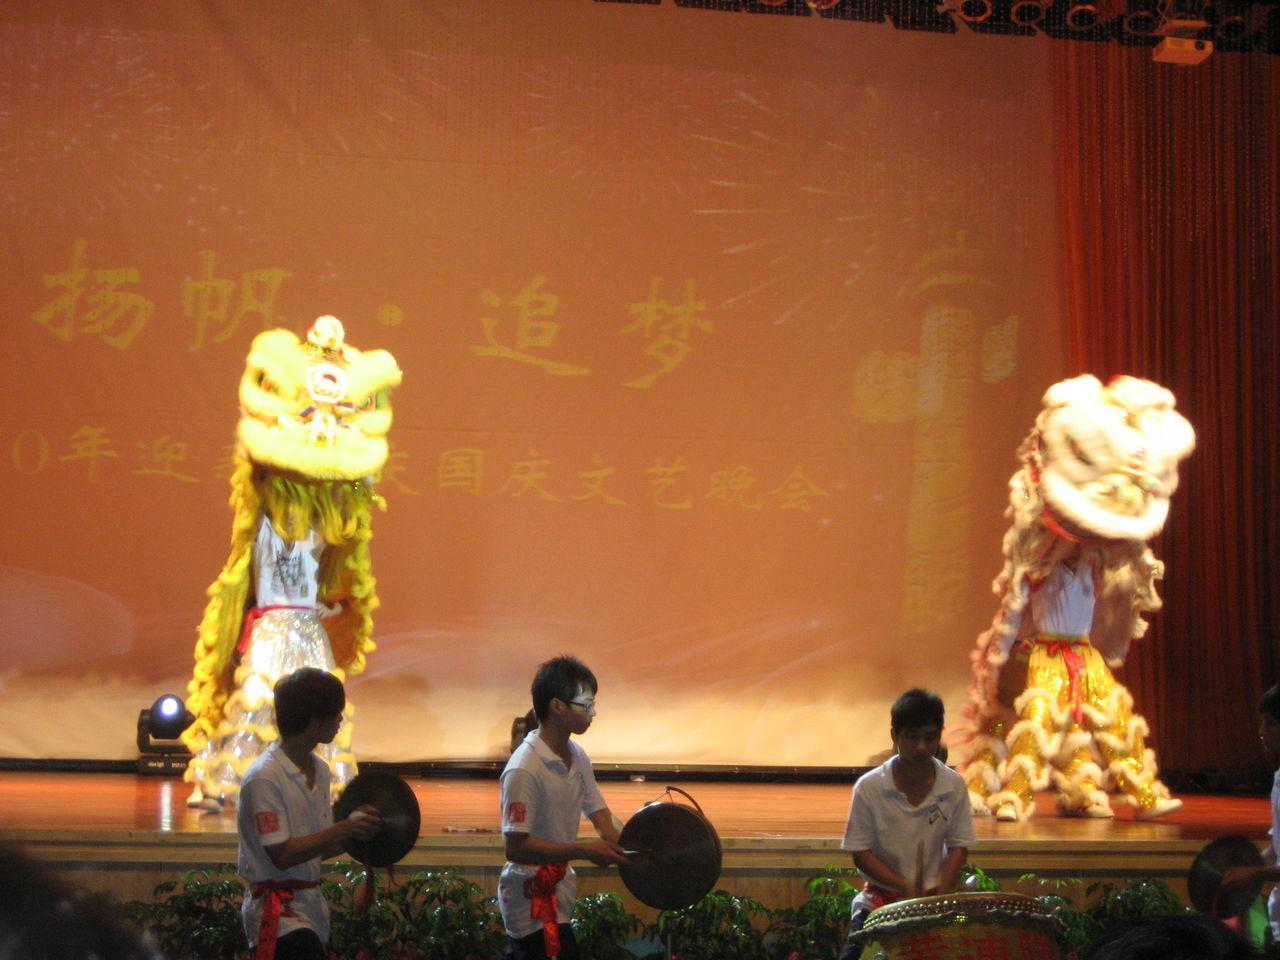 2010年10月29日 - huaqiwx - 华汽武术协会